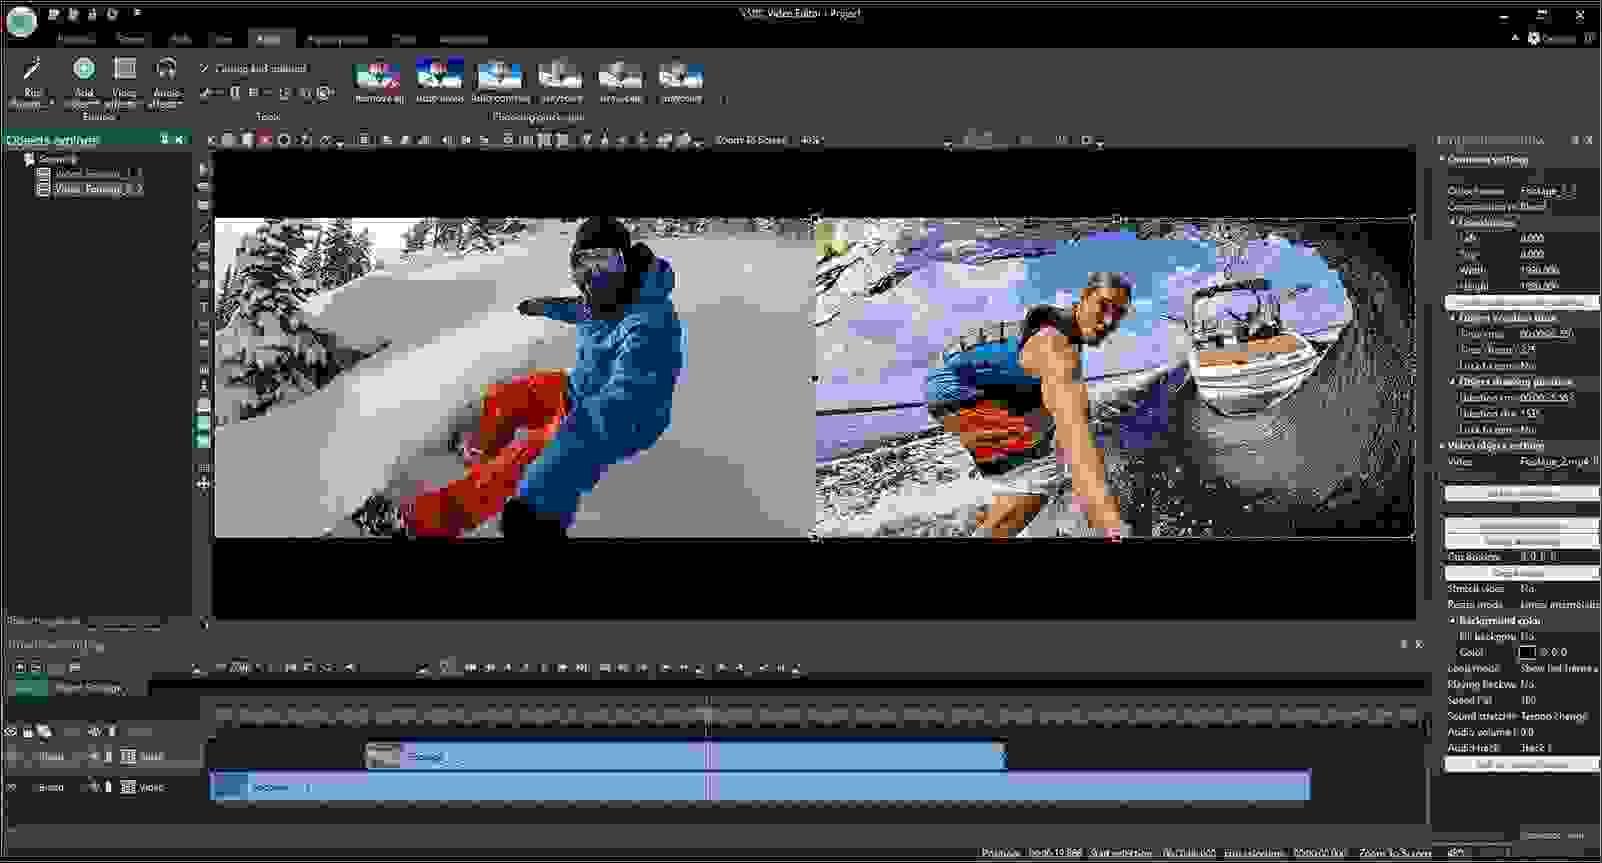 في إس دي سي (VSDC Free Video Editor)، أفضل برنامج تحرير الفيديو المجانية لنظام التشغيل ويندوز